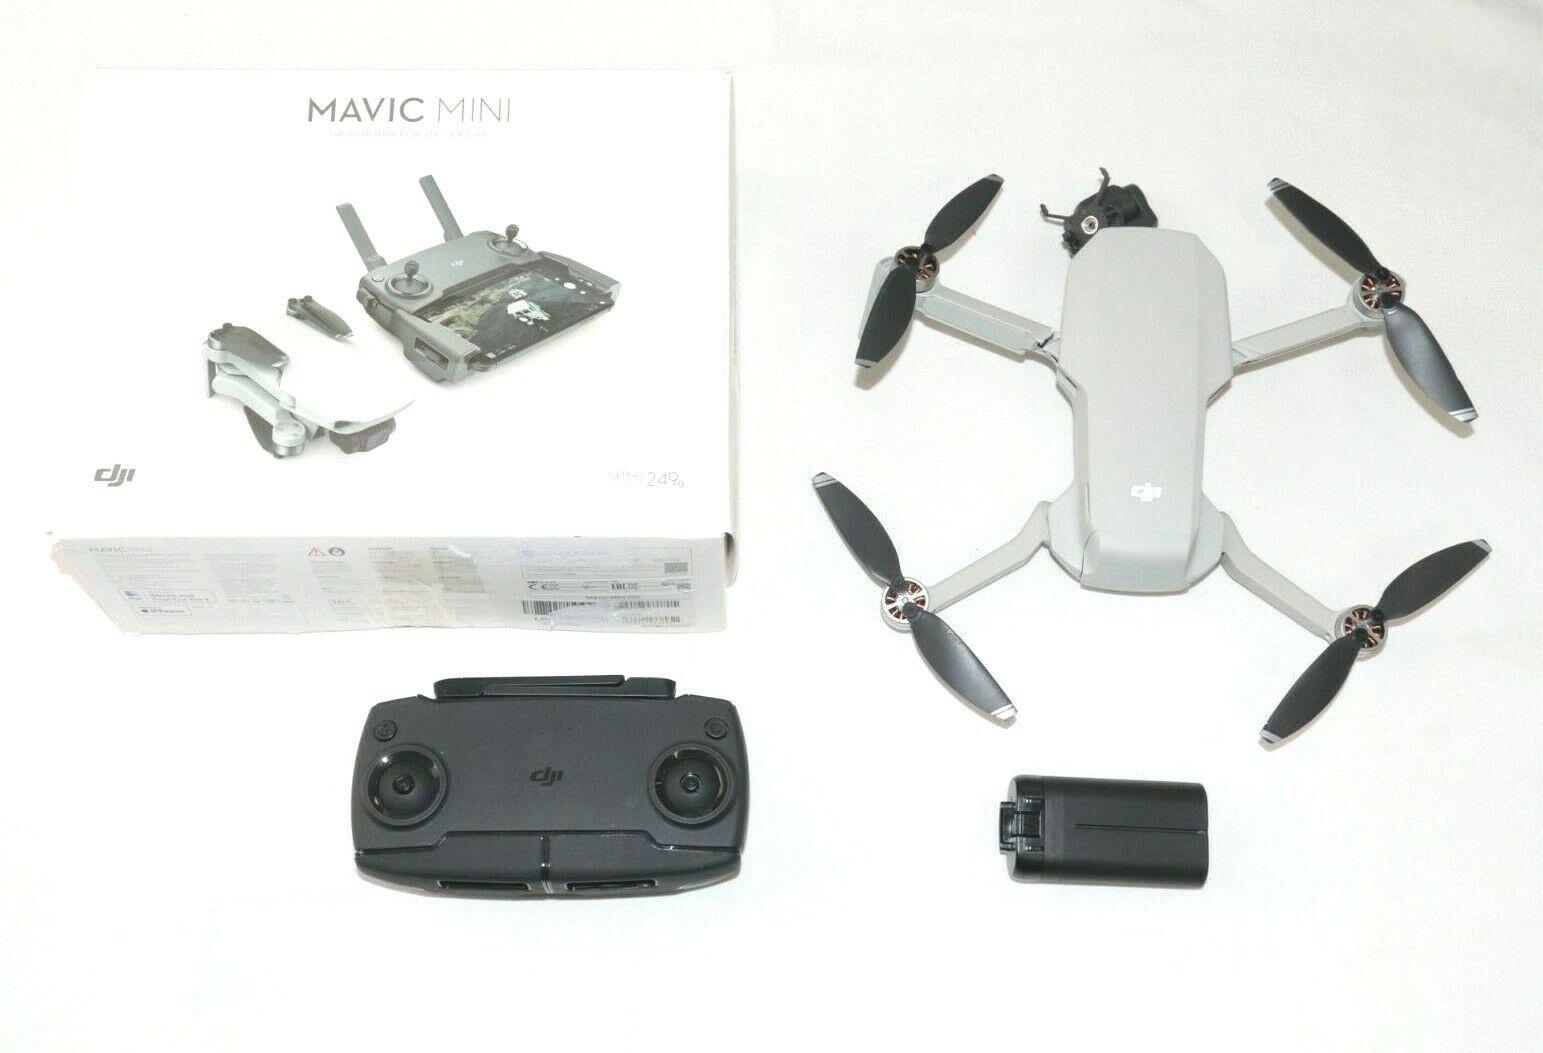 DJI Mavic Mini Modell MT1SD25 - Drohne - Einzelteile / Defekt